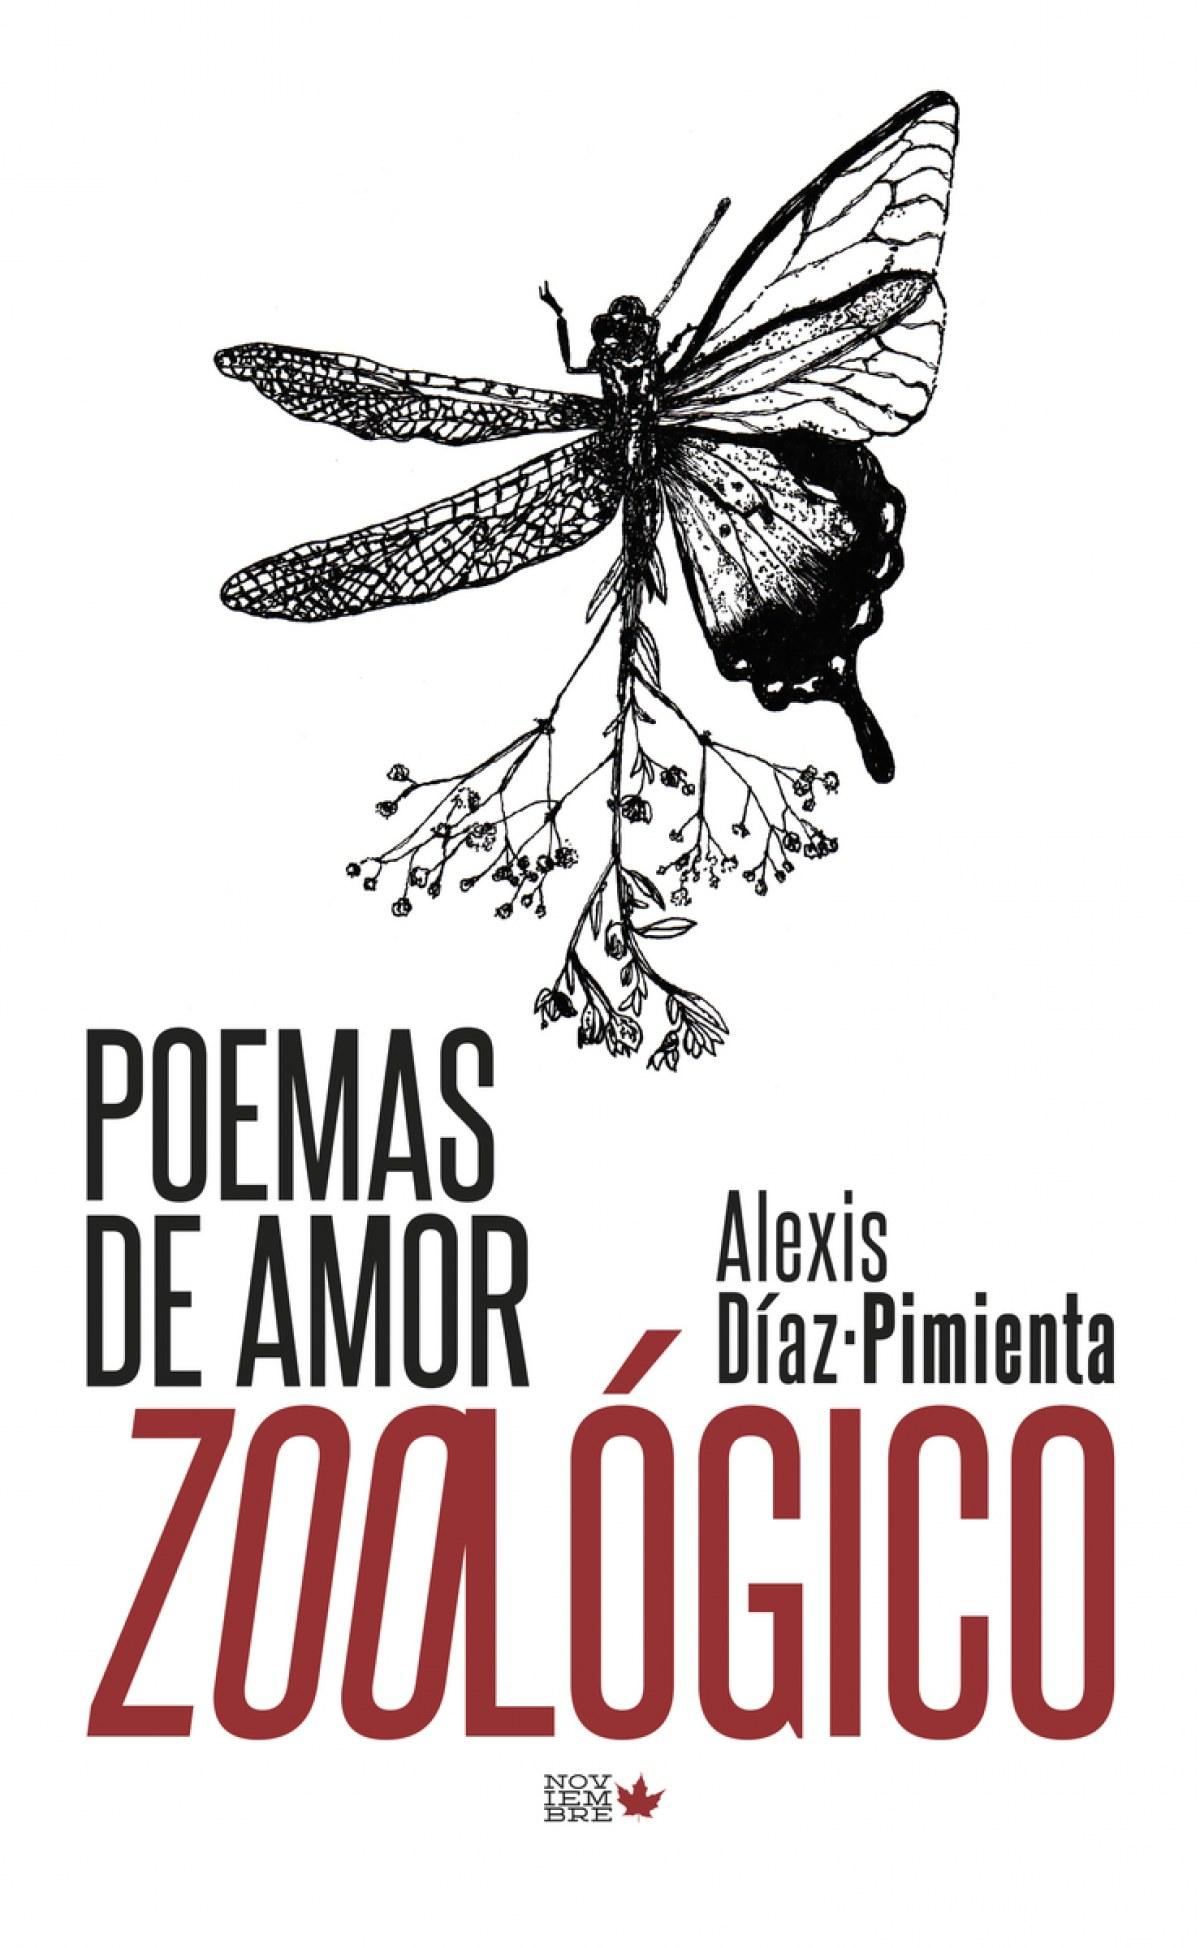 Poemas de amor zoológico